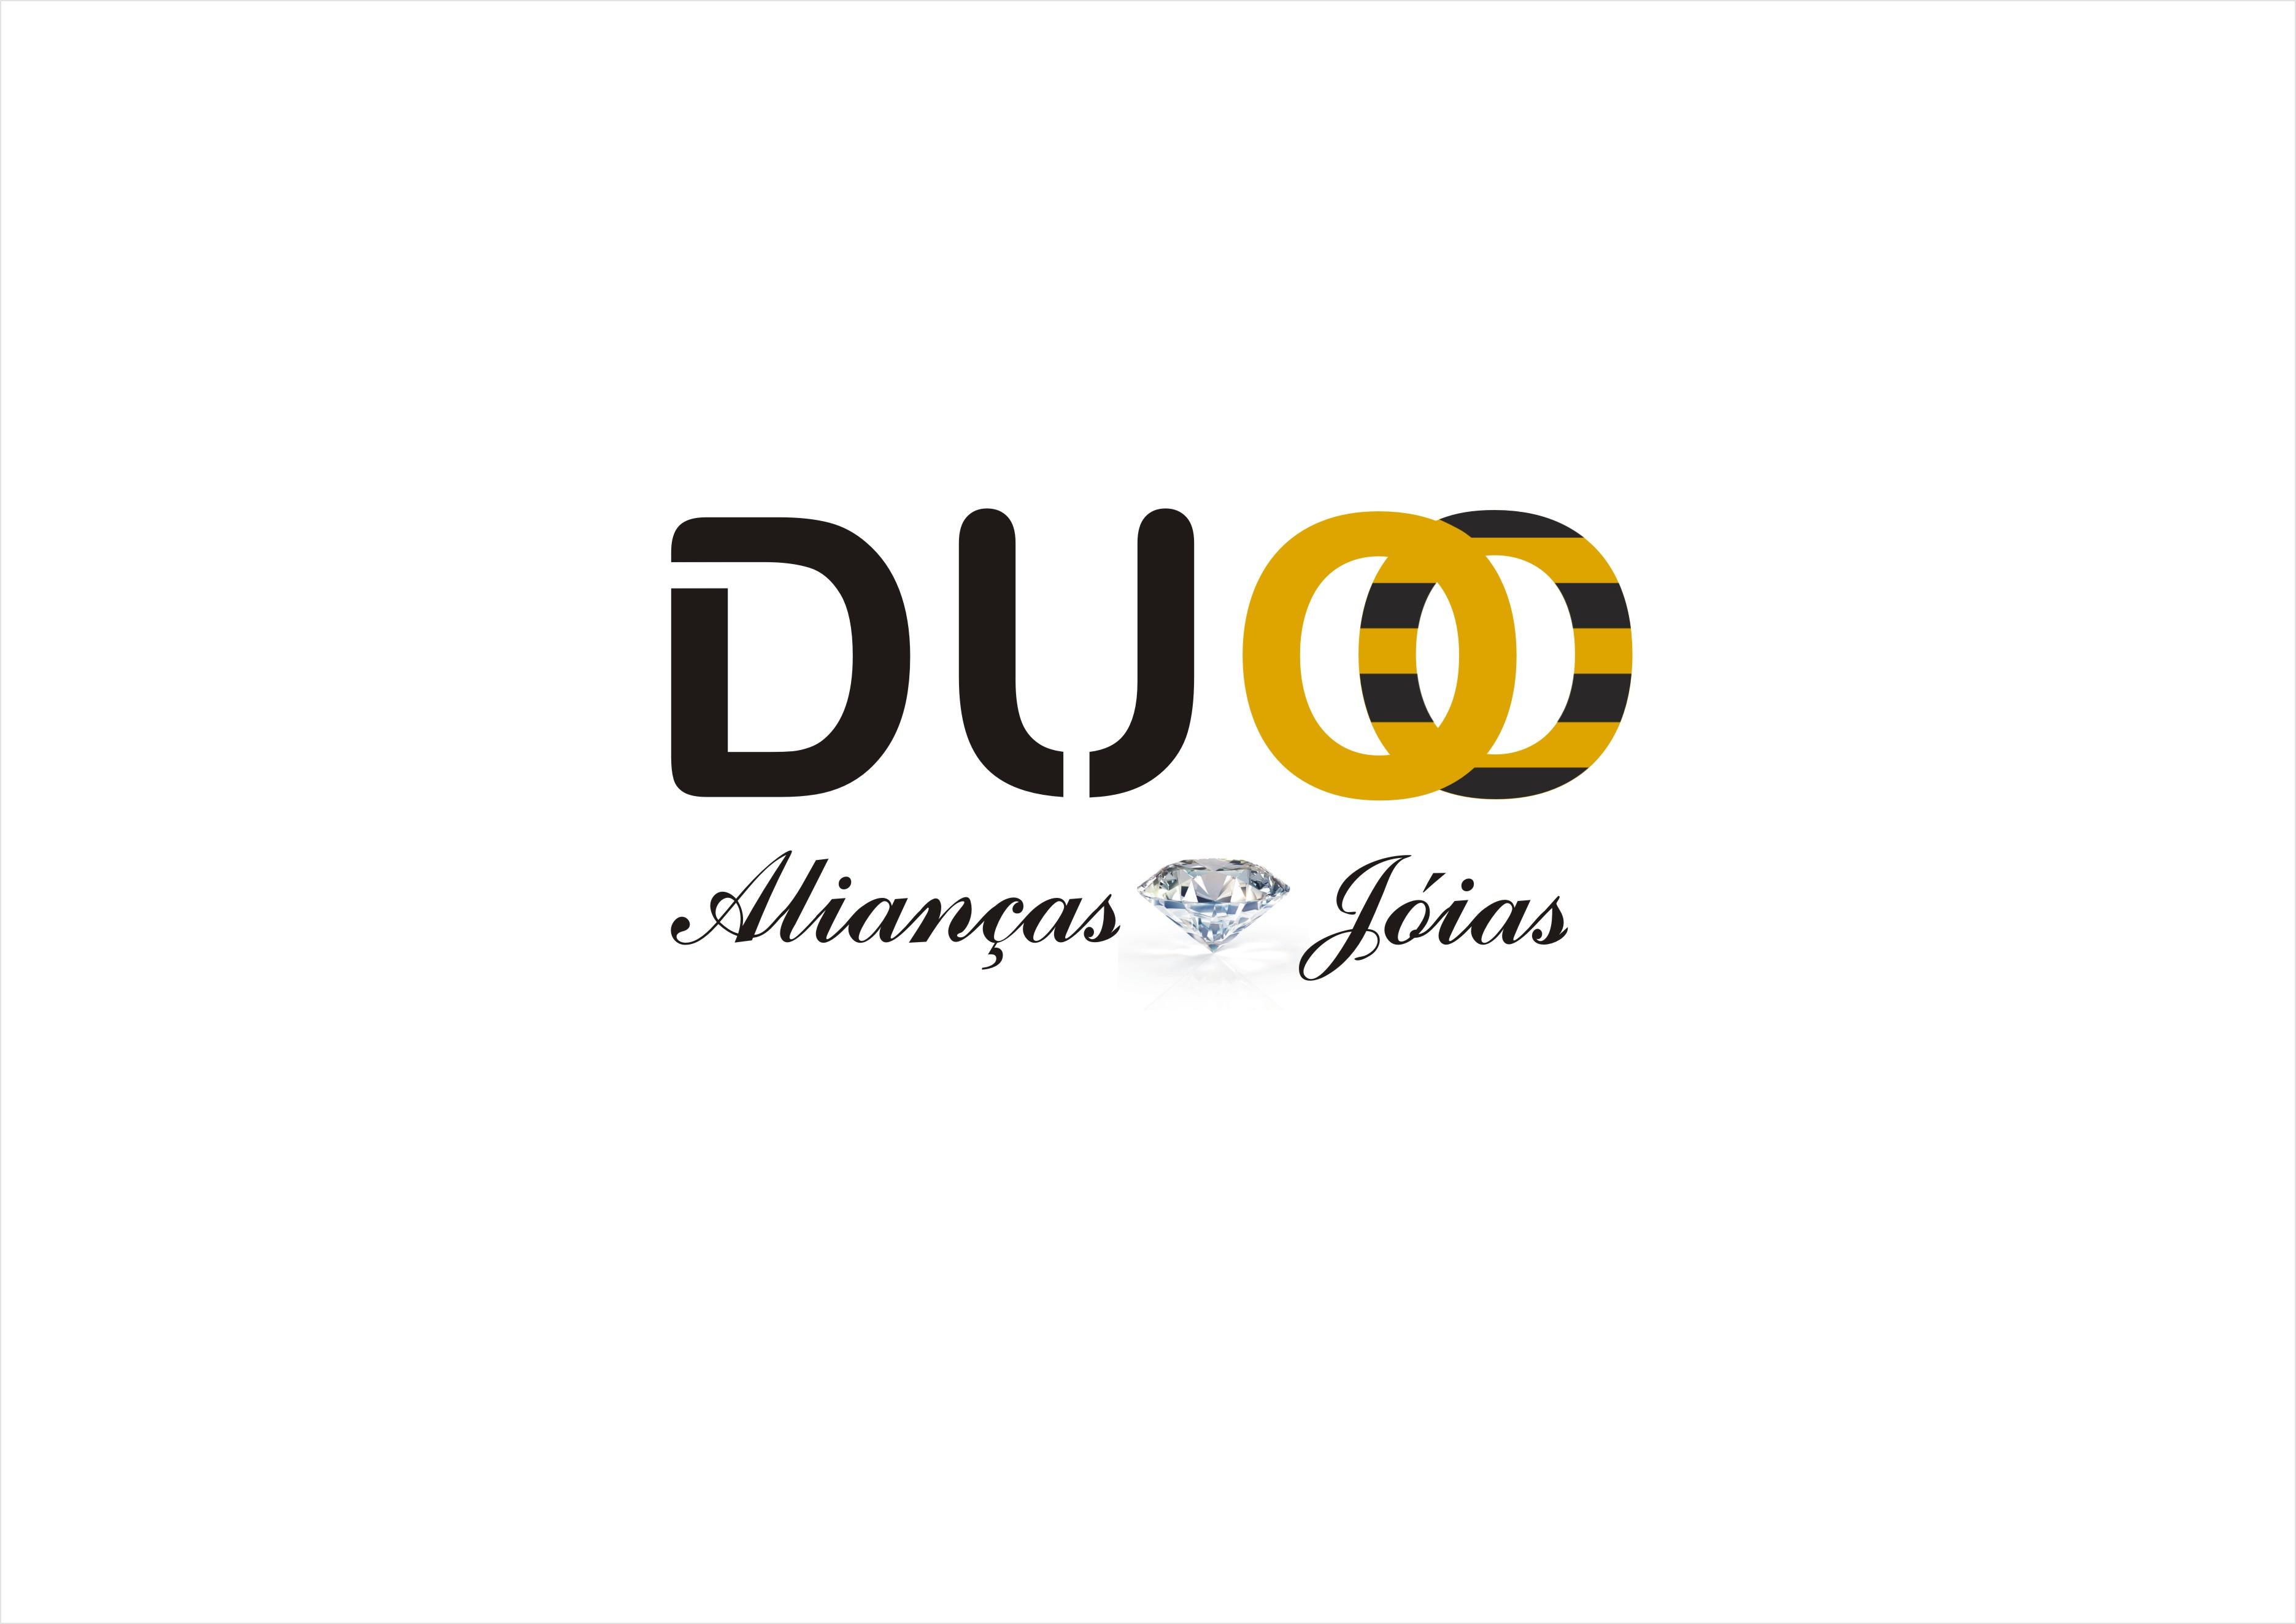 Duoo Alianças & Jóias